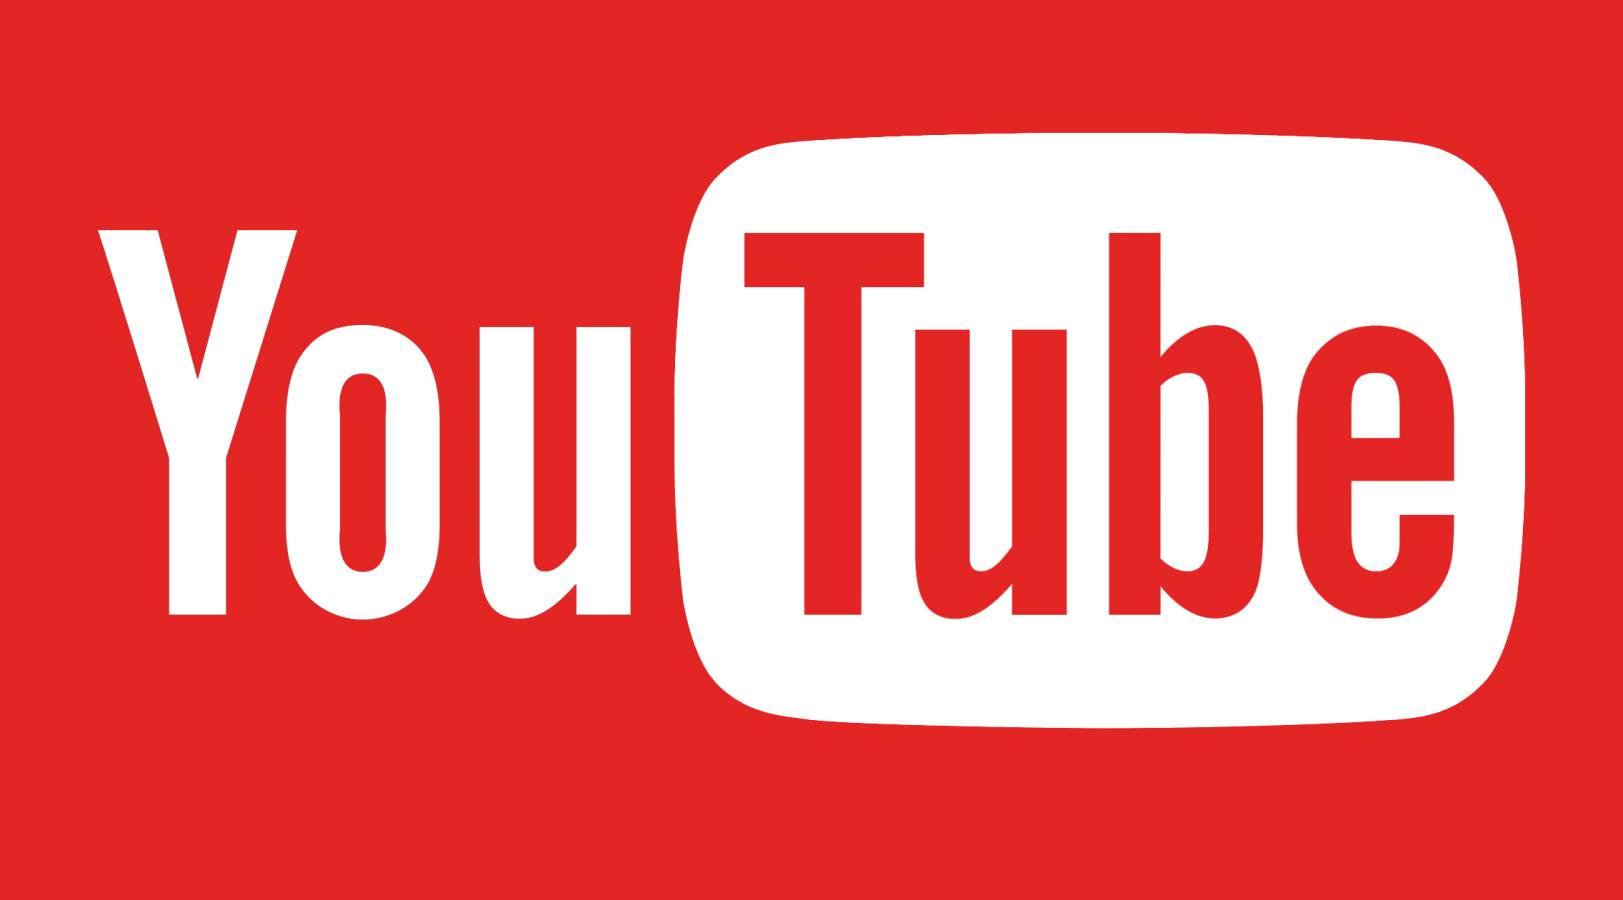 YouTube Actualizare Noua Lansata pentru Aplicatie, ce Noutati Aduce Acum